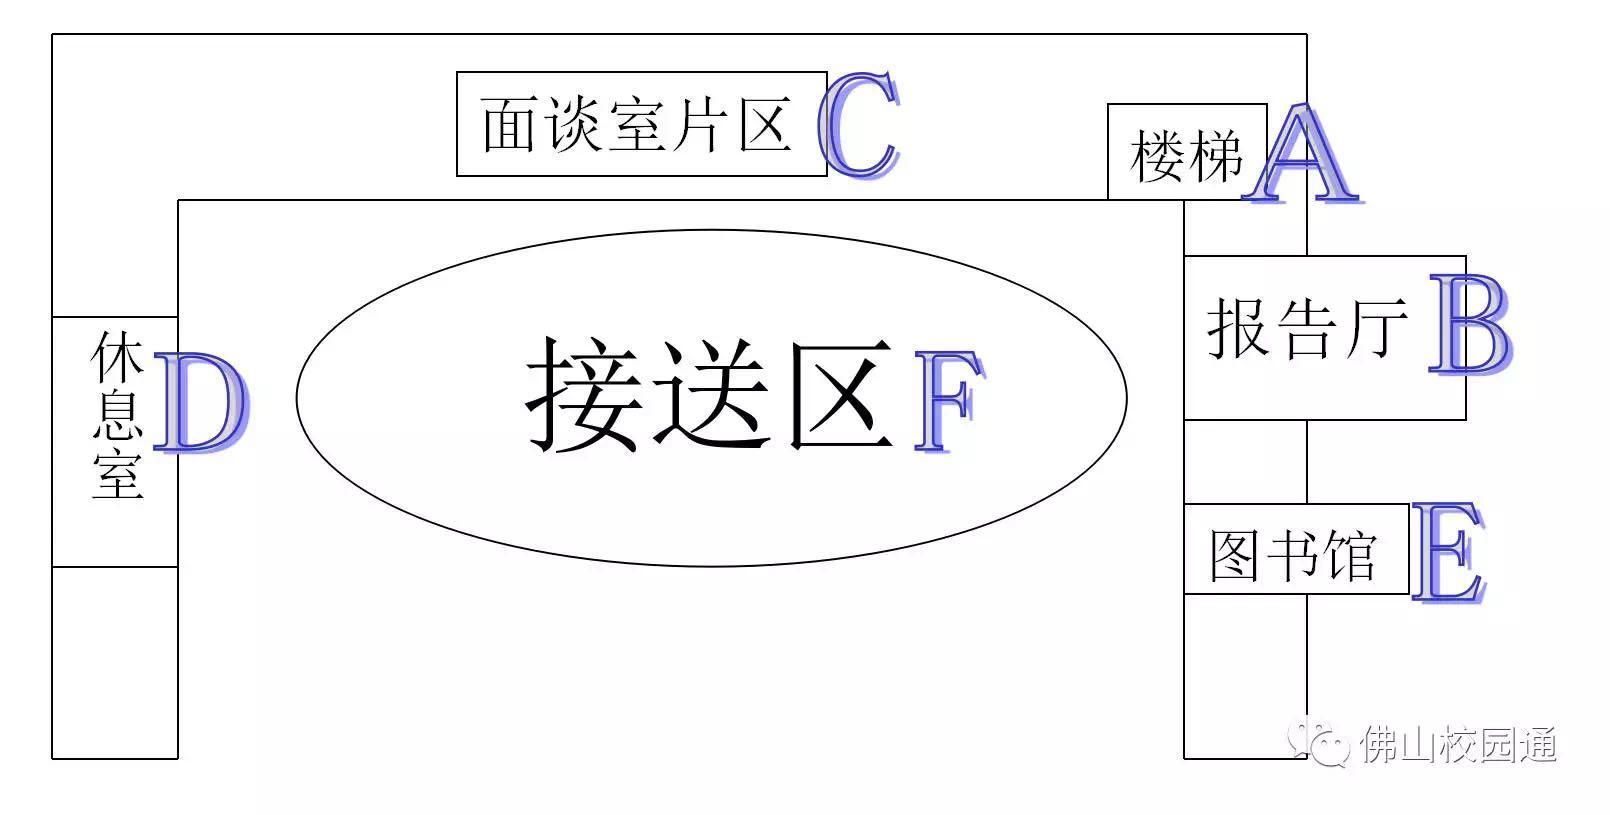 石门实验学校2017招生报名系统